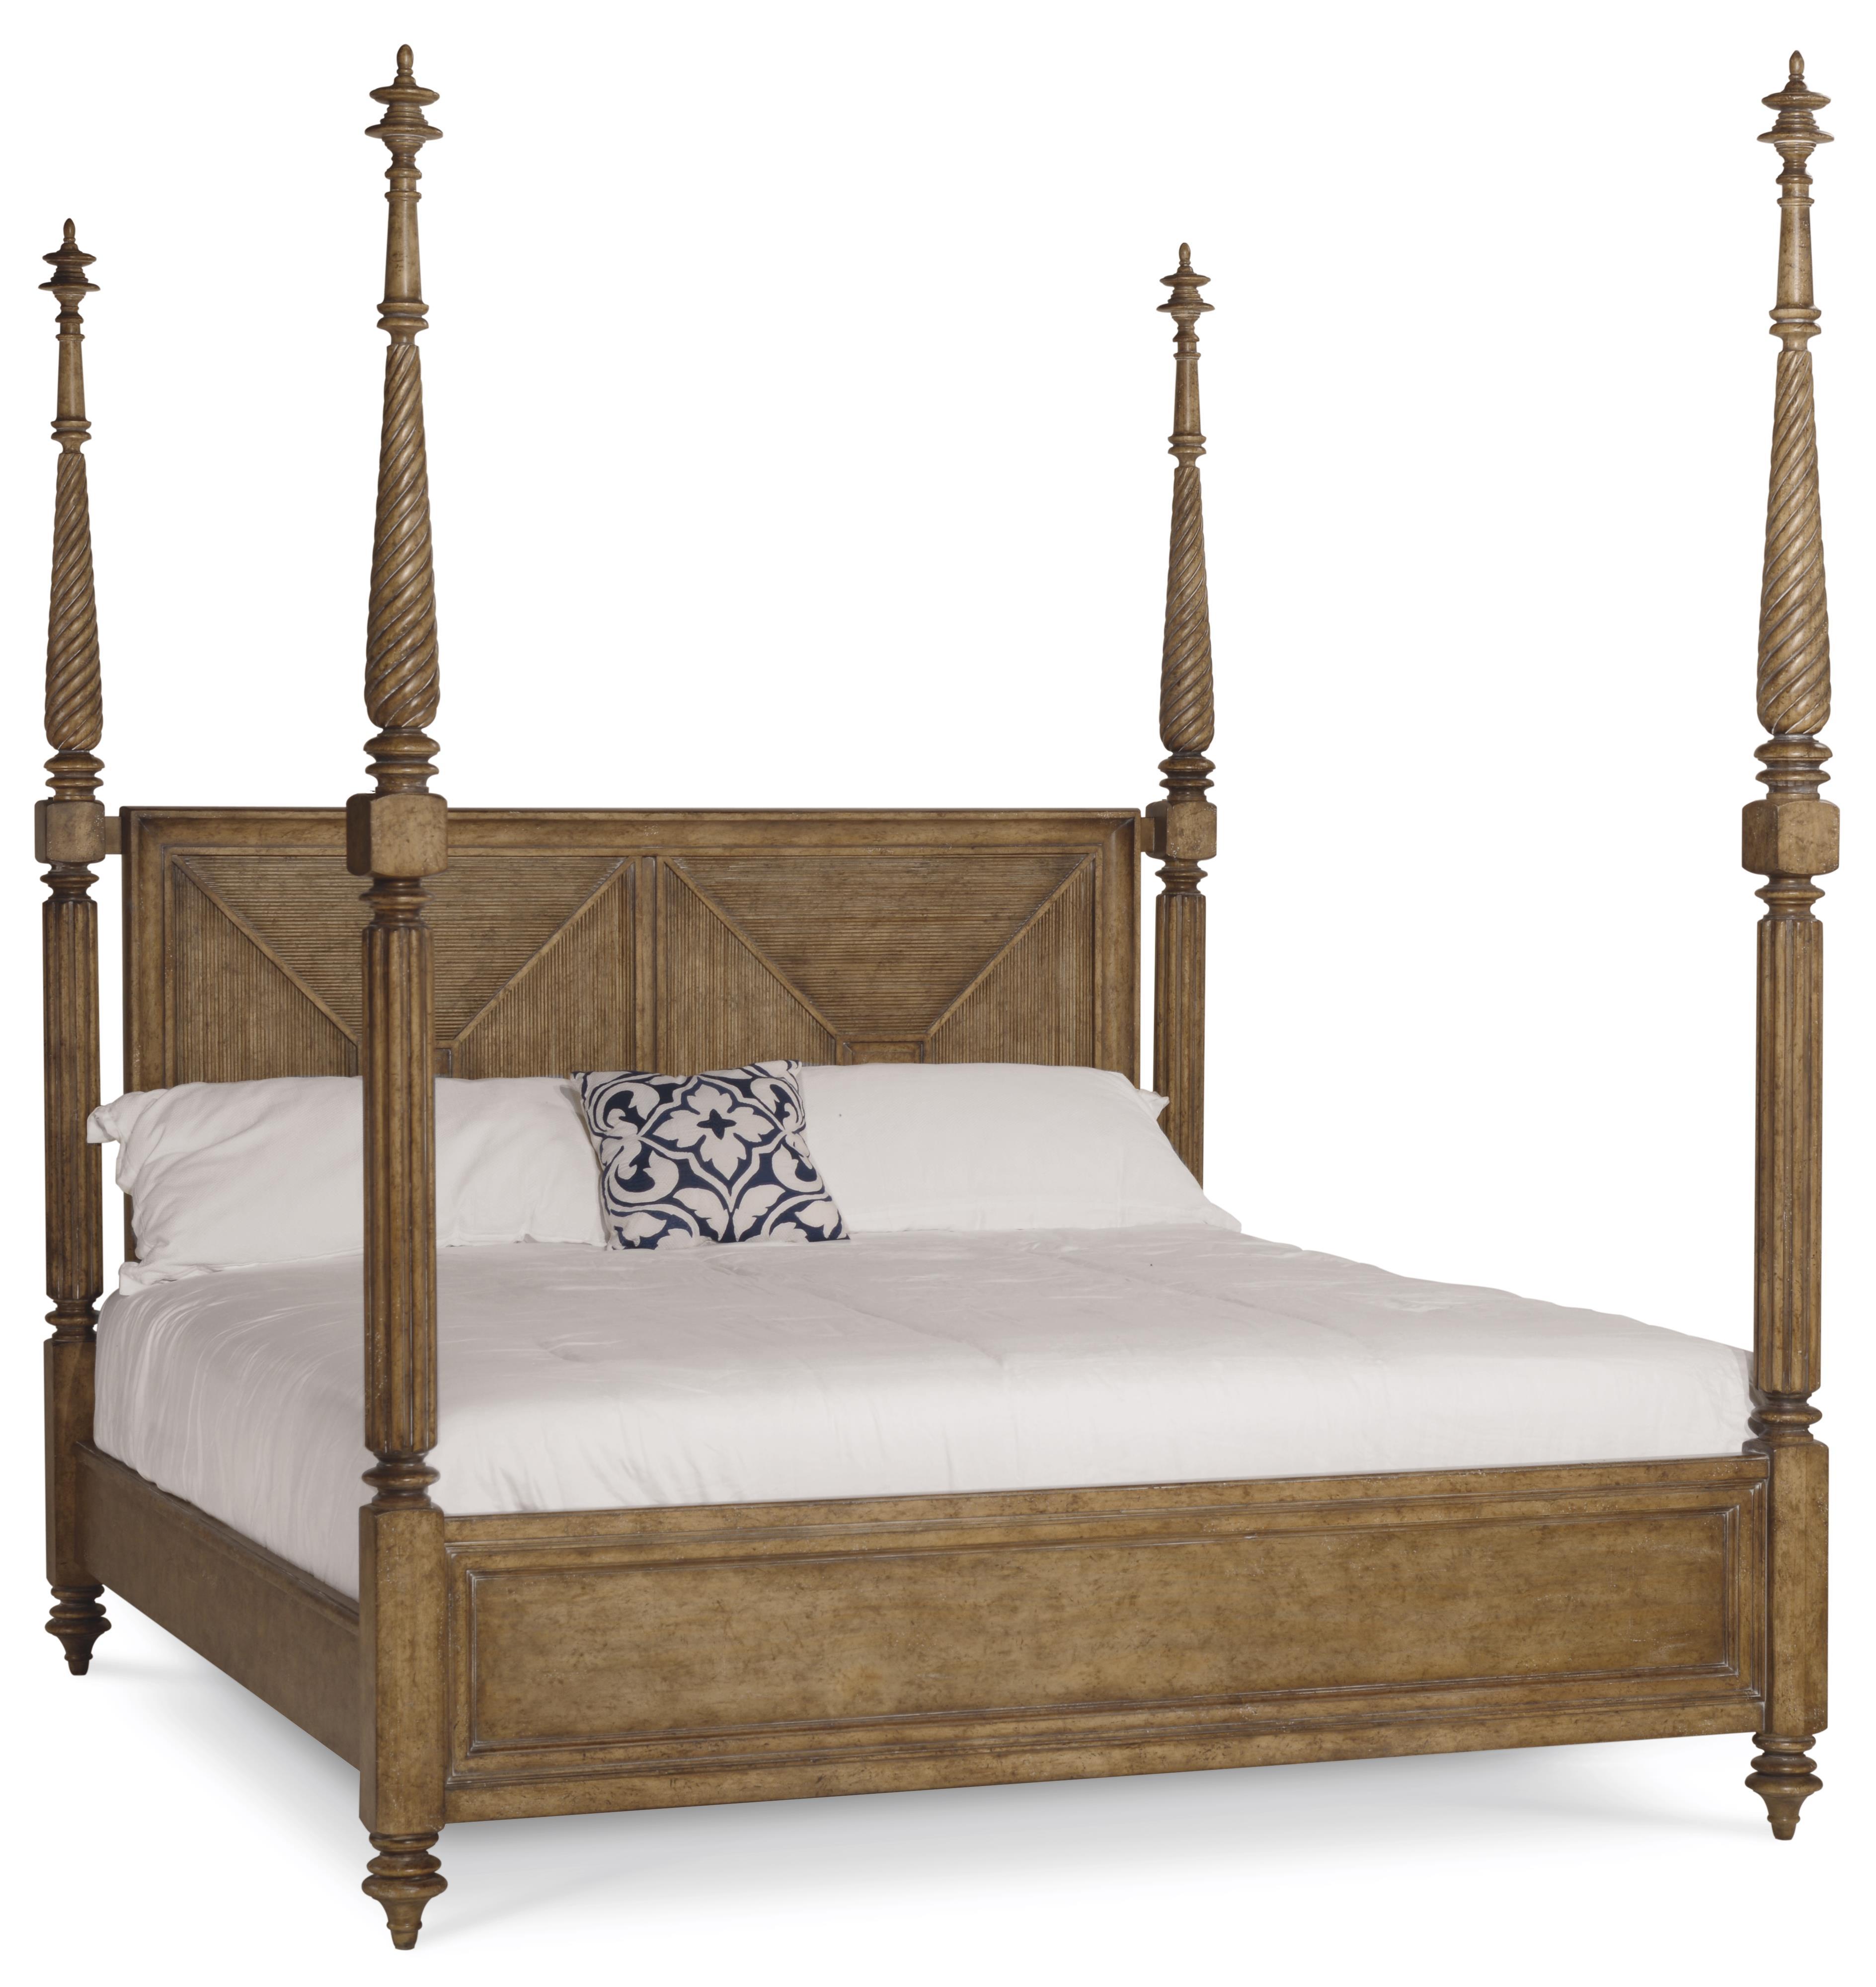 A.R.T. Furniture Inc Pavilion King Poster Bed with Adjustable Posts - Item Number: 229156-2608K2